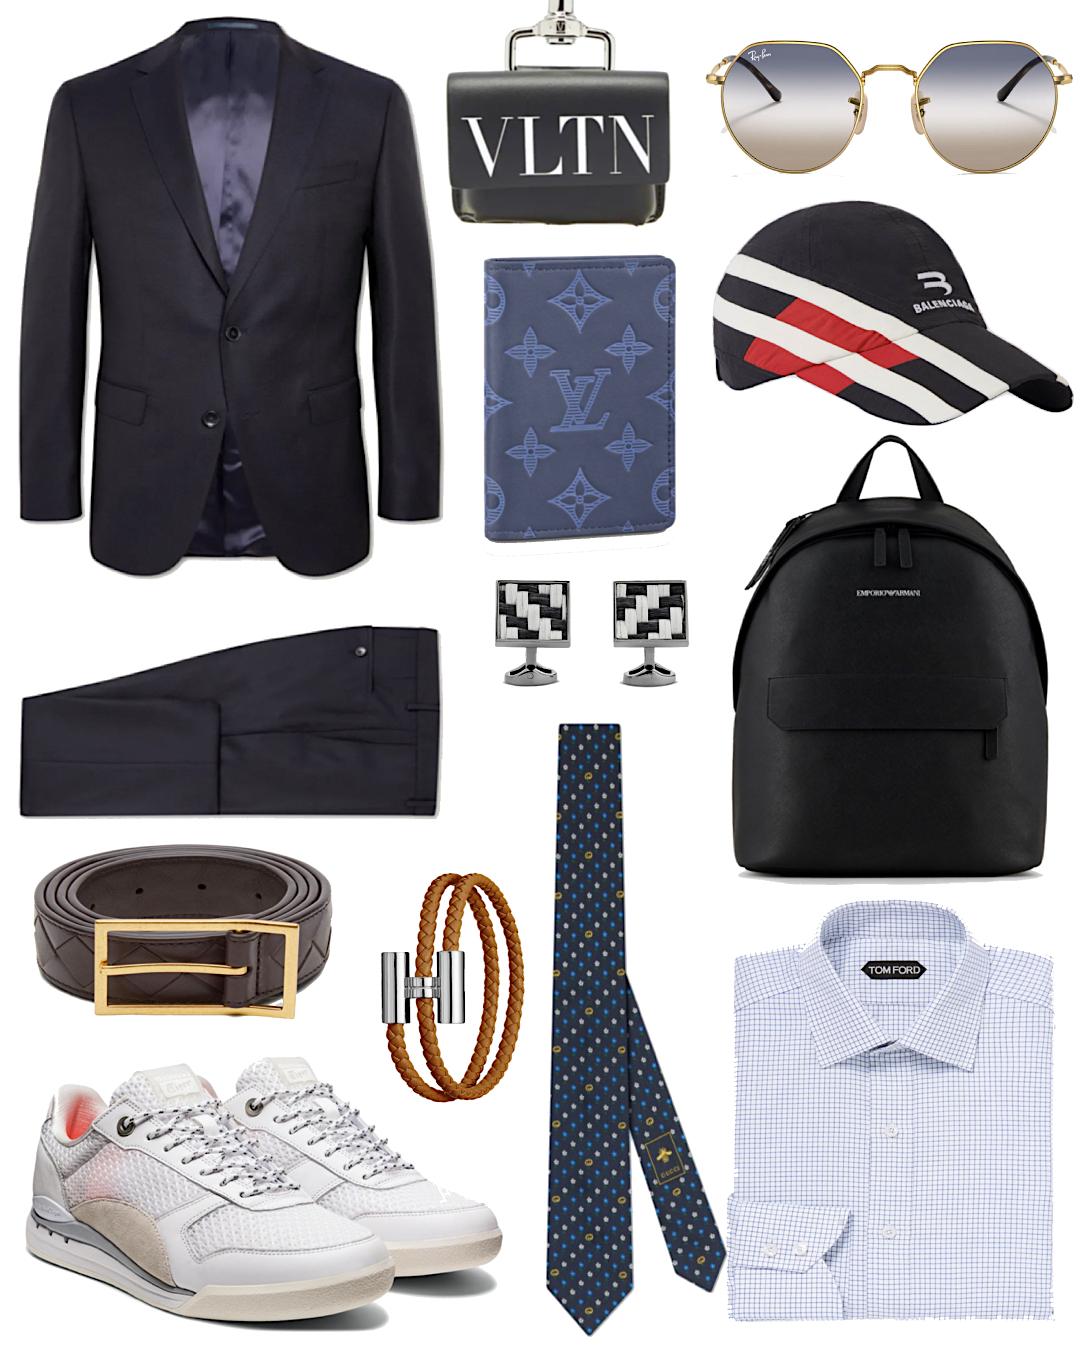 2021父親節禮物推介丨20份$1000至$5000西裝、領呔、銀包及卡片套實用名牌時尚禮物精選